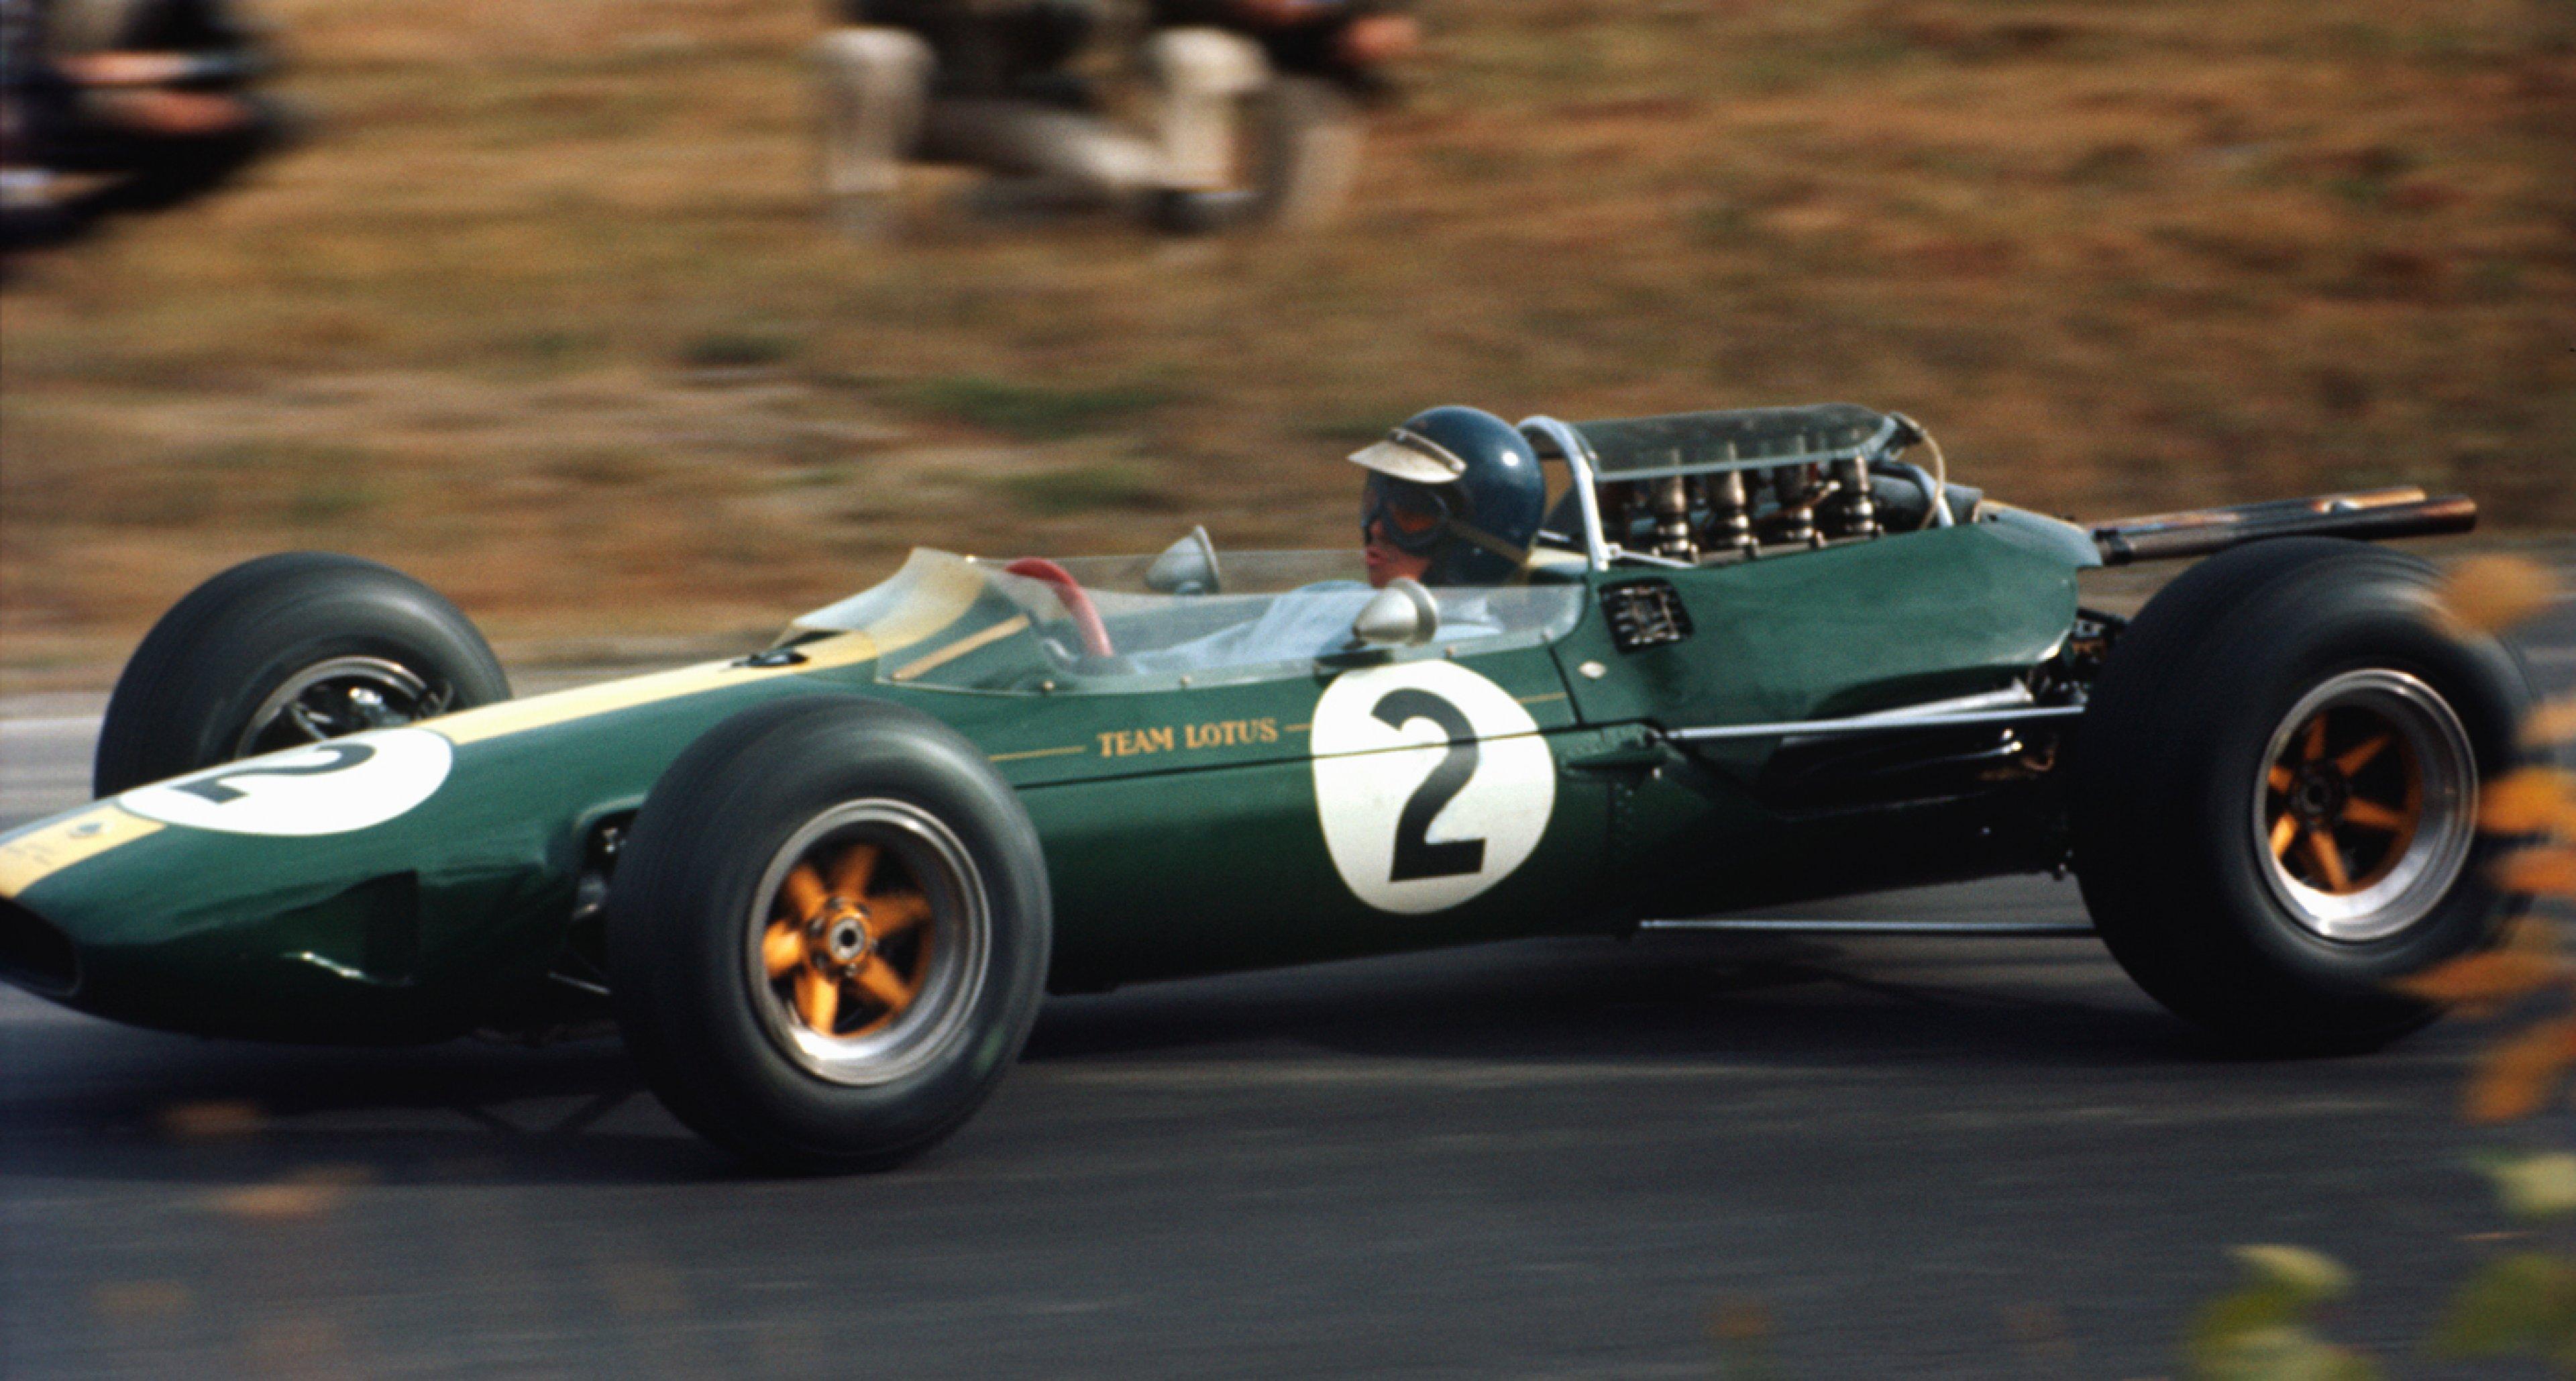 Jim Clark races his Lotus in 1964.